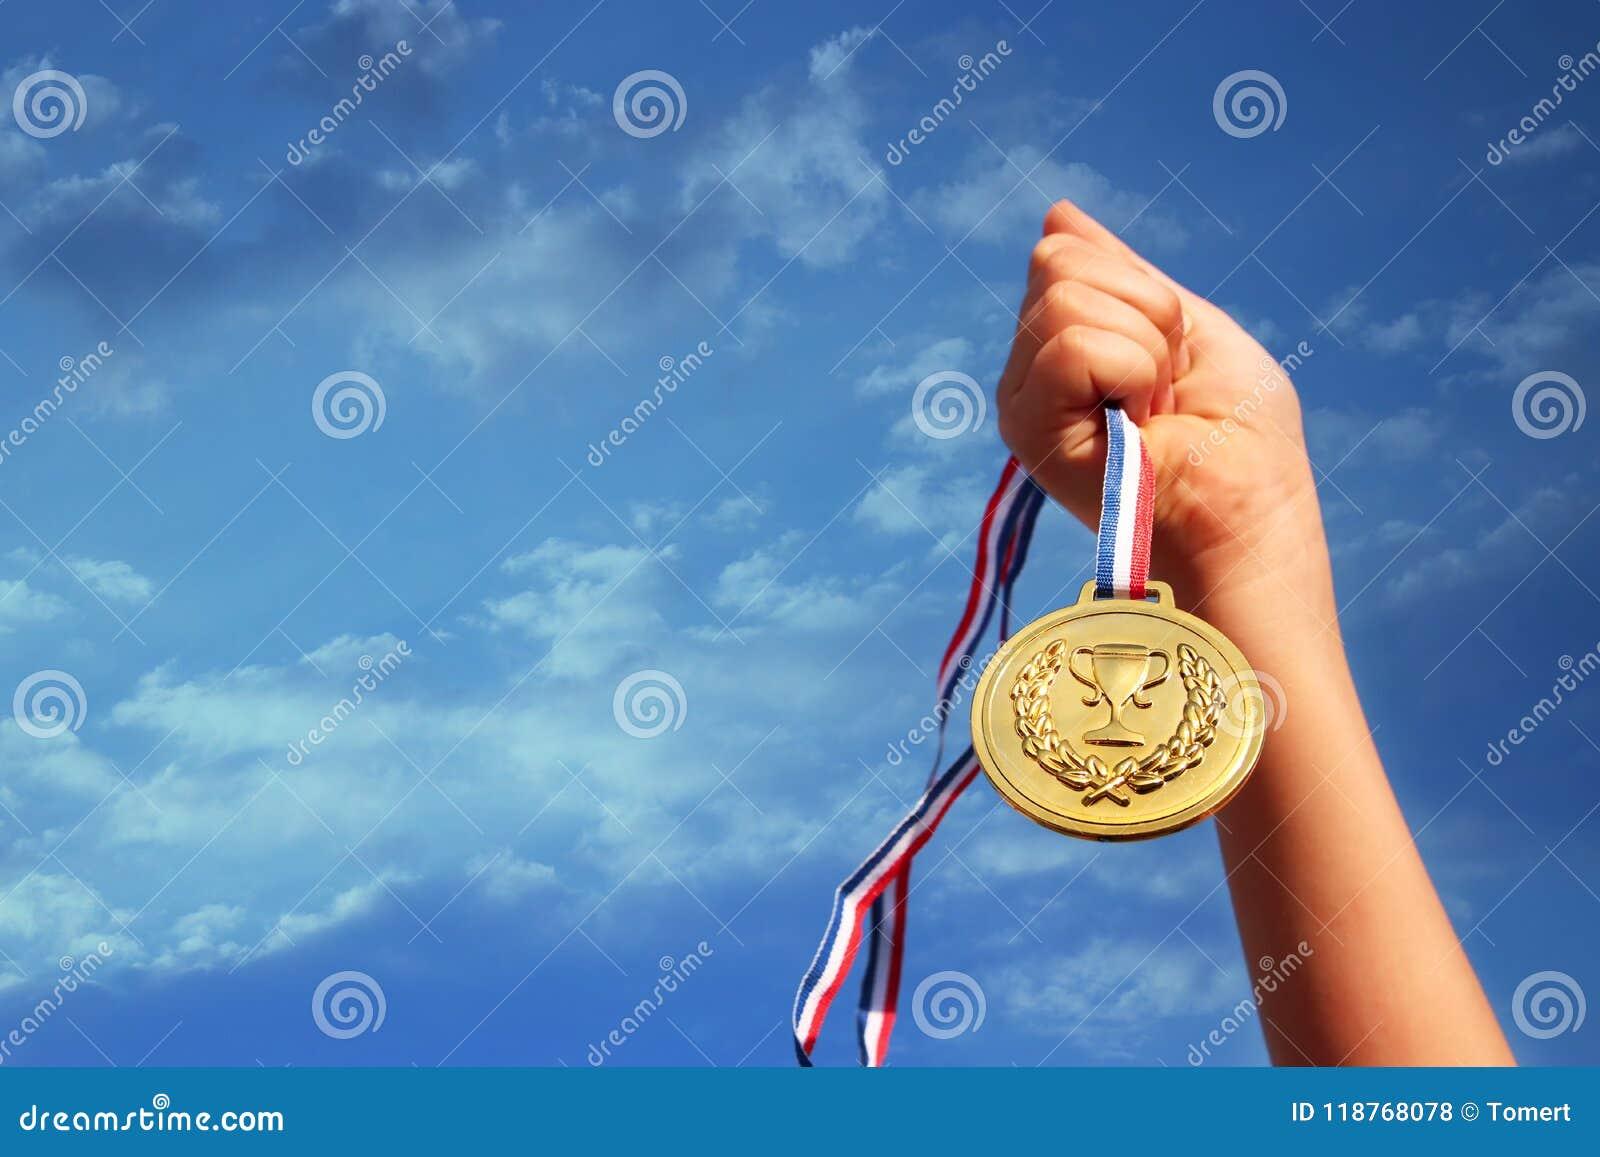 Barnhanden lyftte och att rymma guldmedaljen mot himmel utbildnings-, framgång-, prestation-, utmärkelse- och segerbegrepp